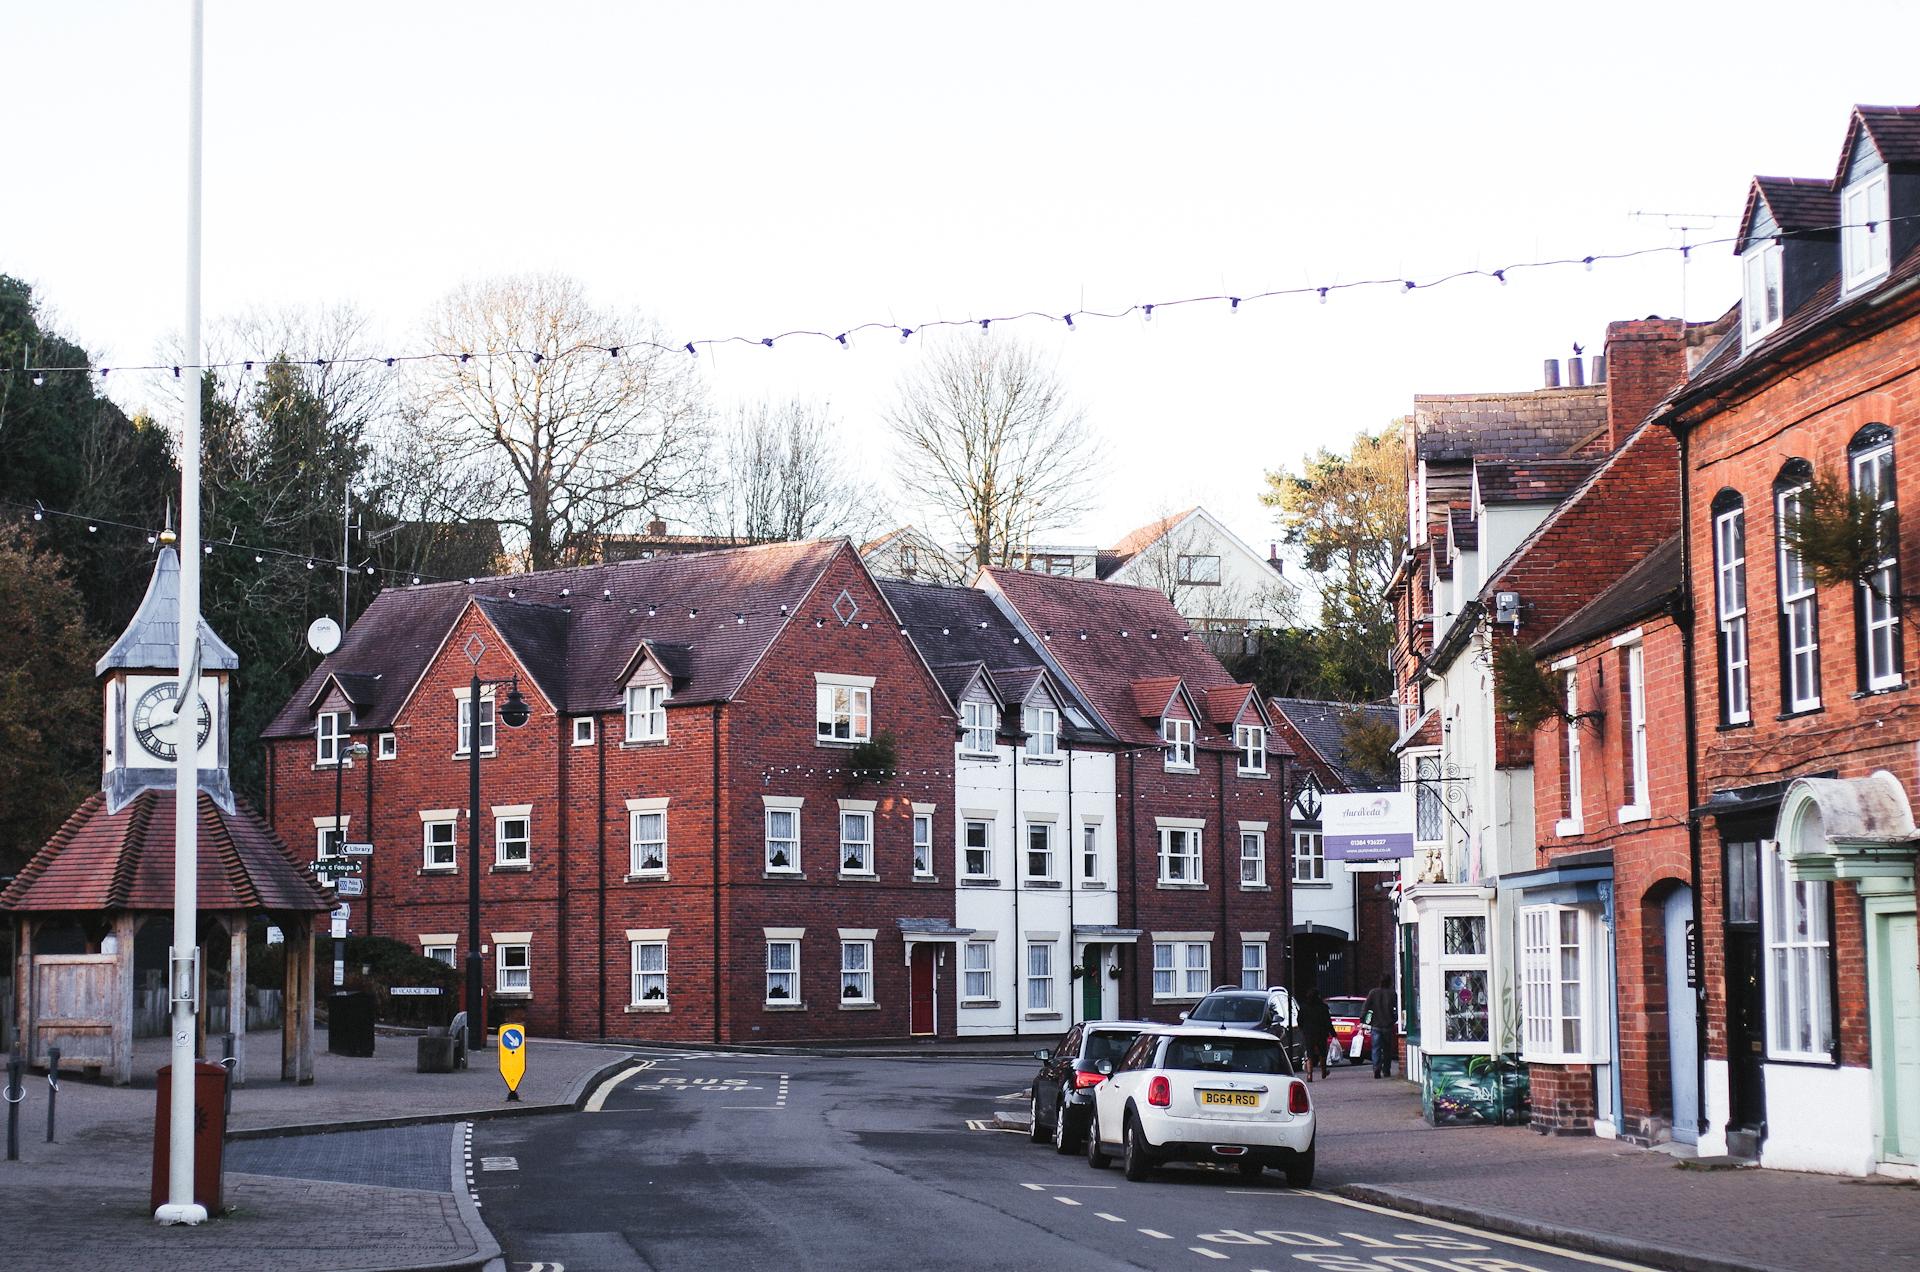 Kinver, England